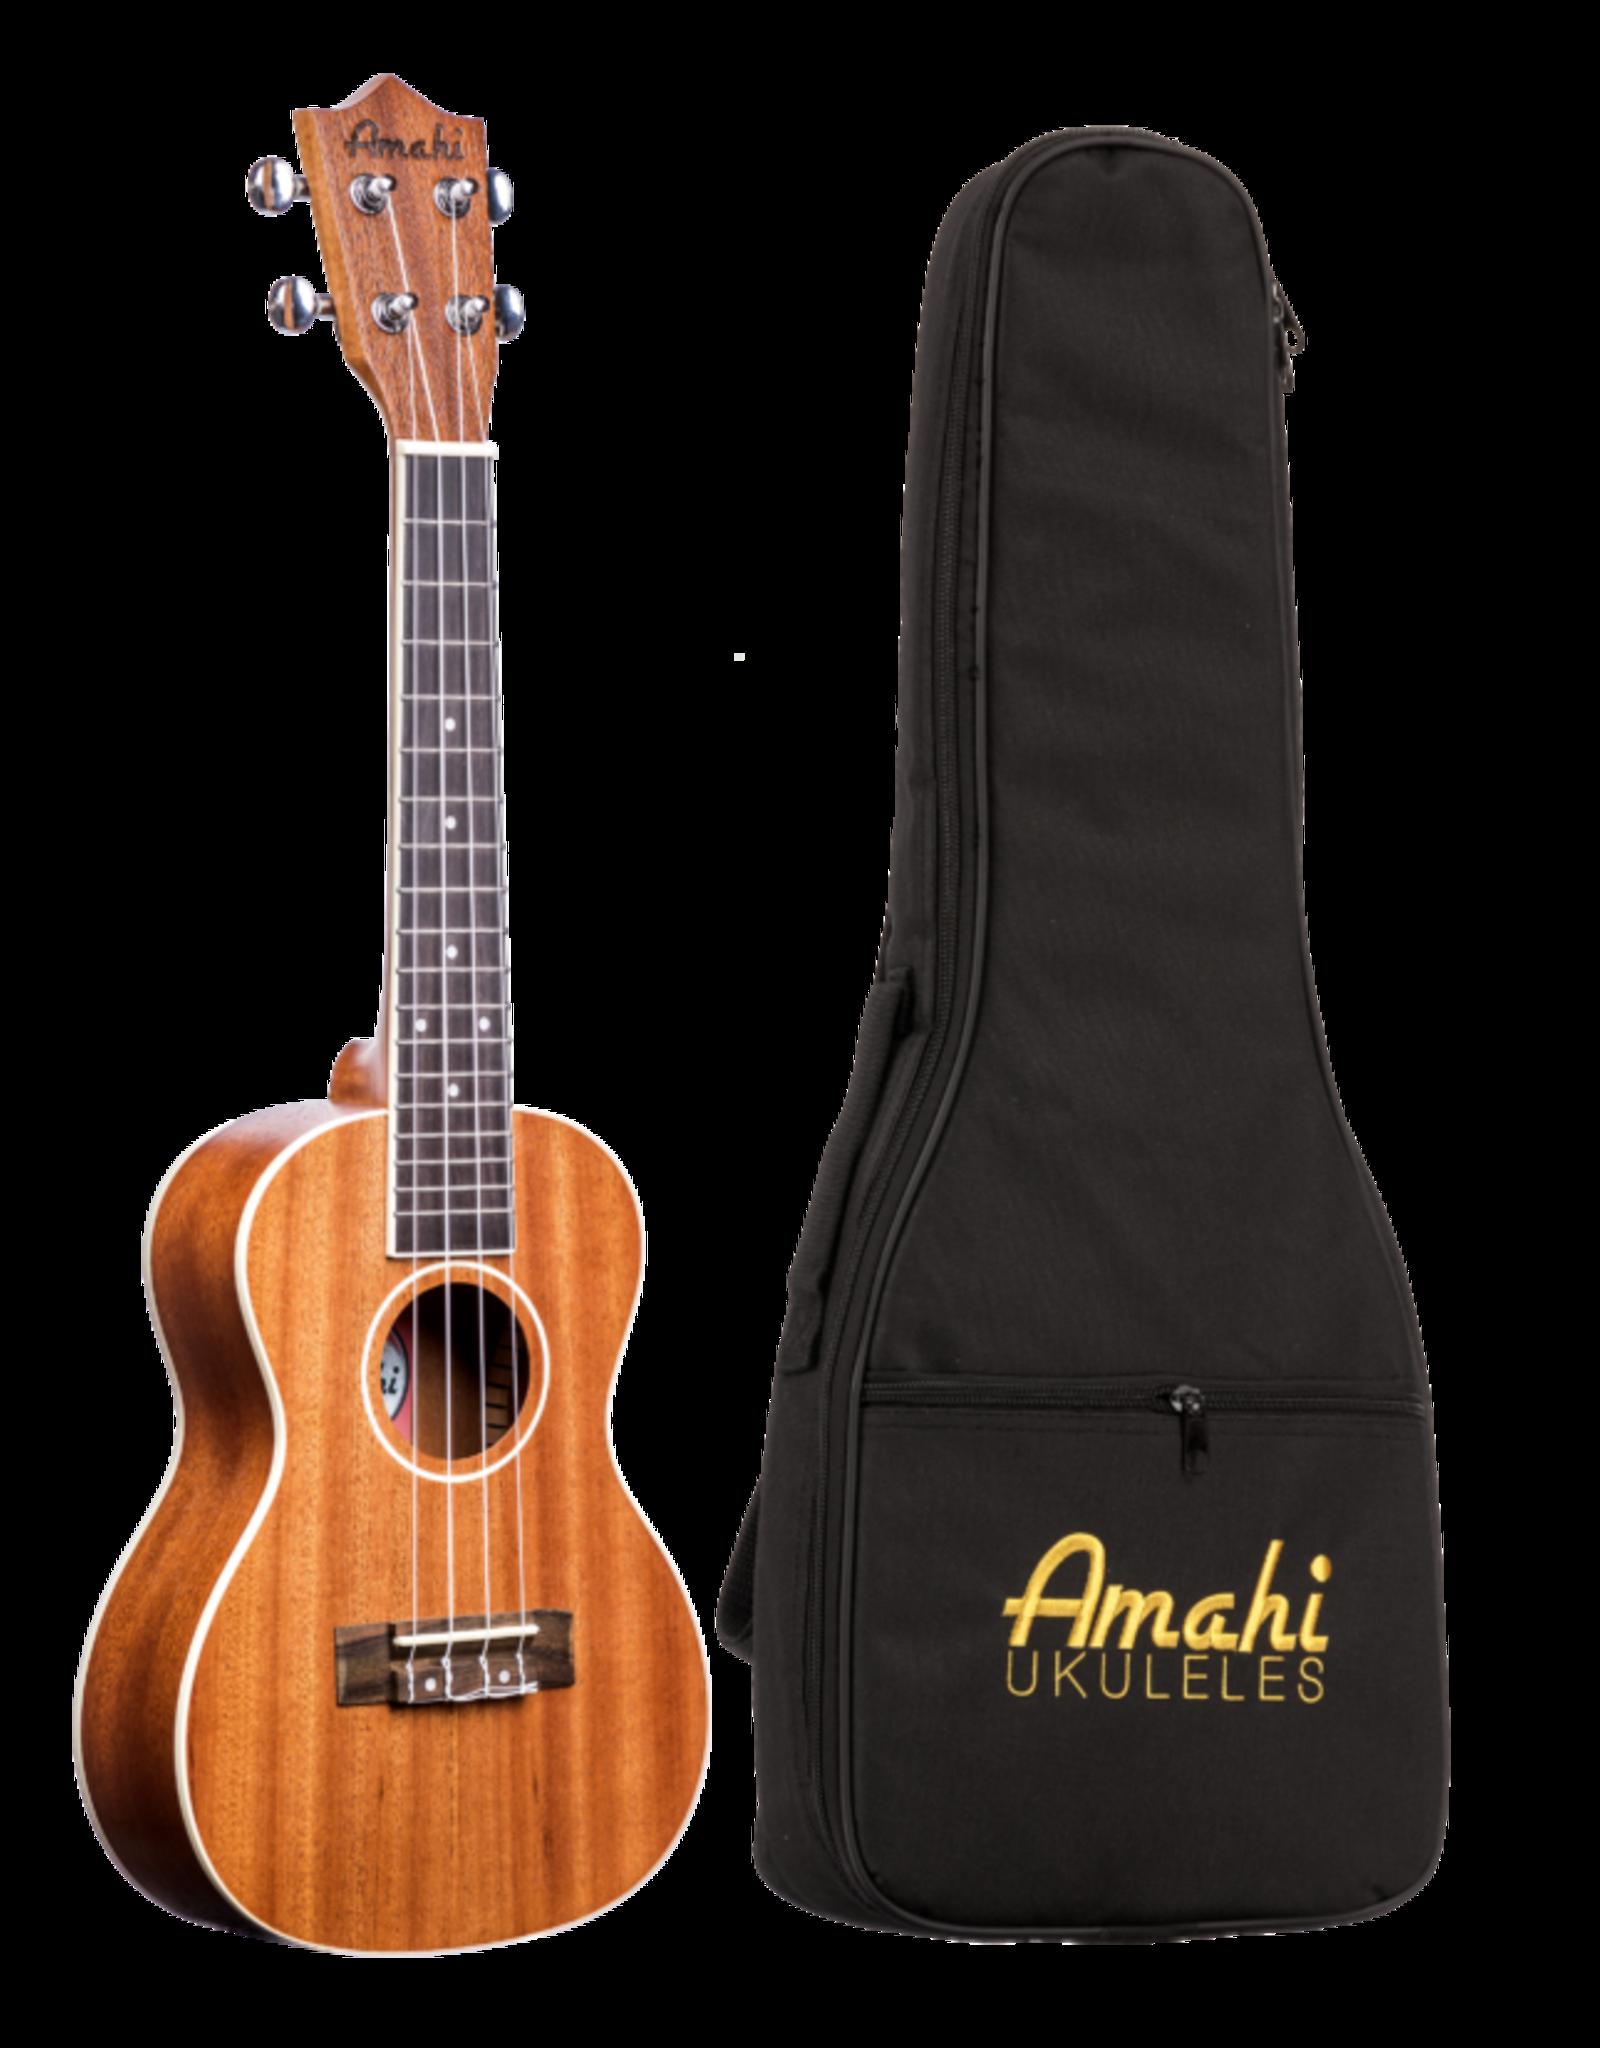 Amahi Amahi Select Mahogany, Bound, Concert Ukulele